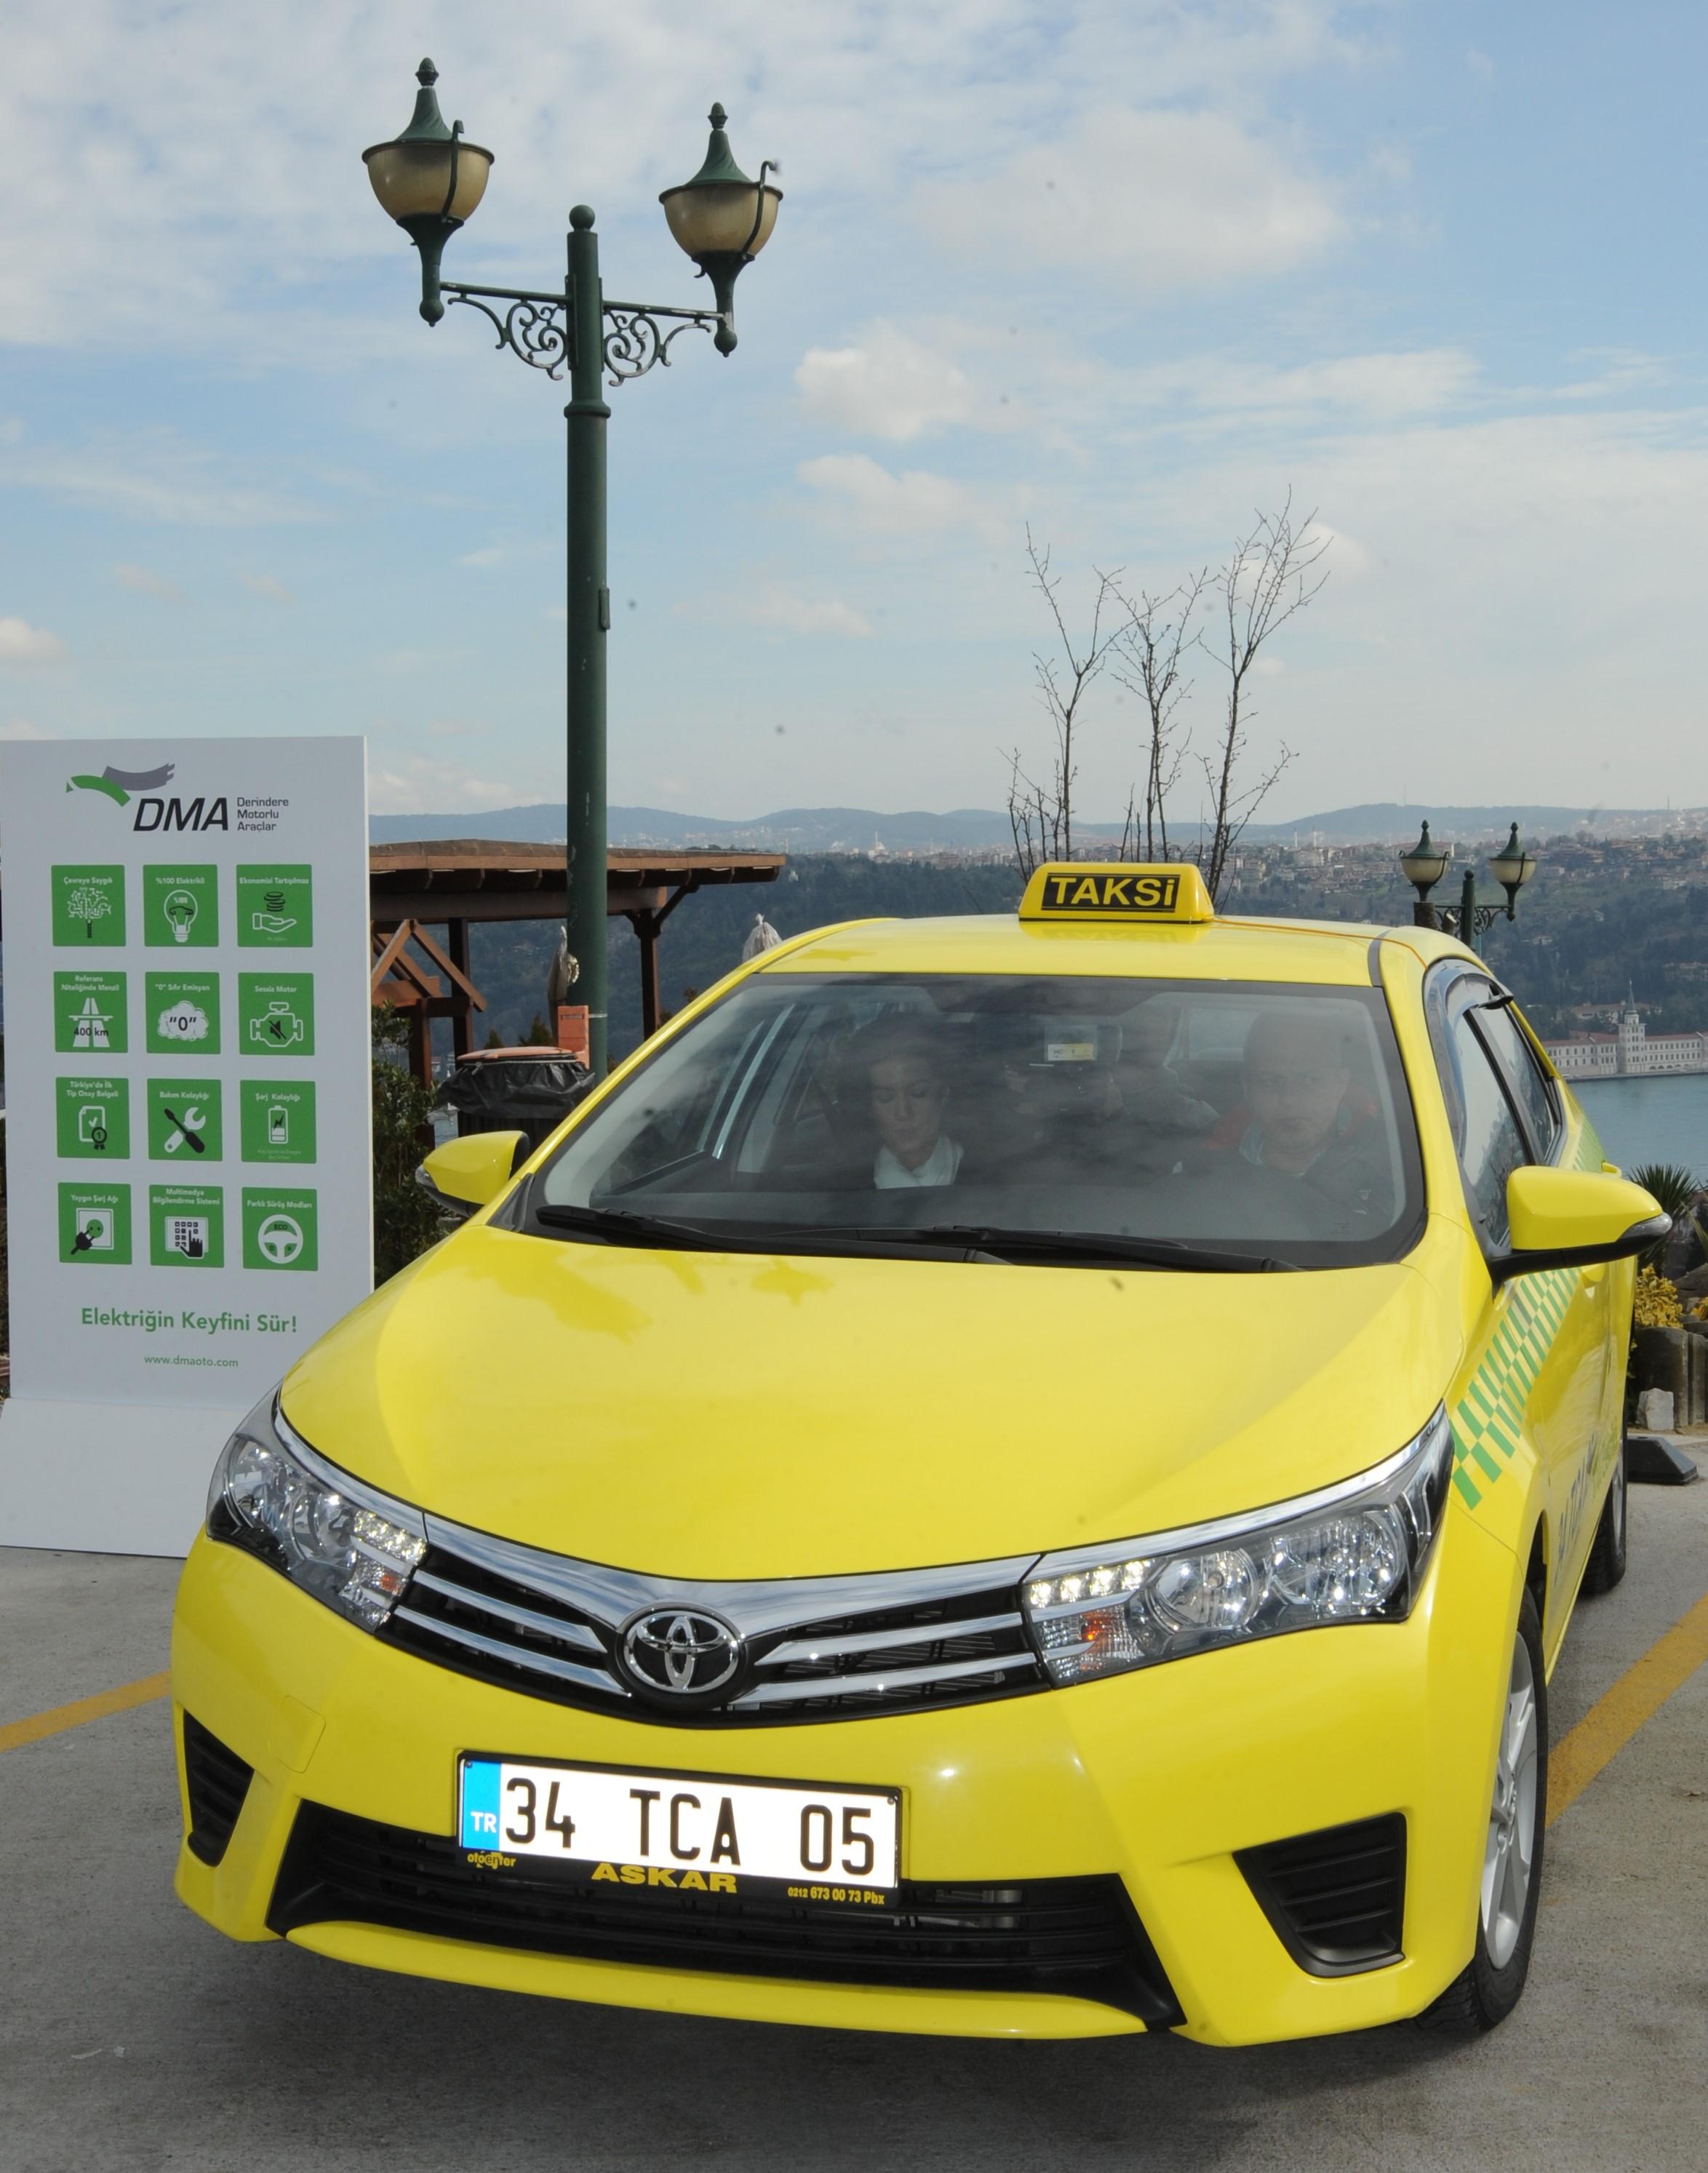 DMA Taksi 4 aydır yollarda test ediliyor